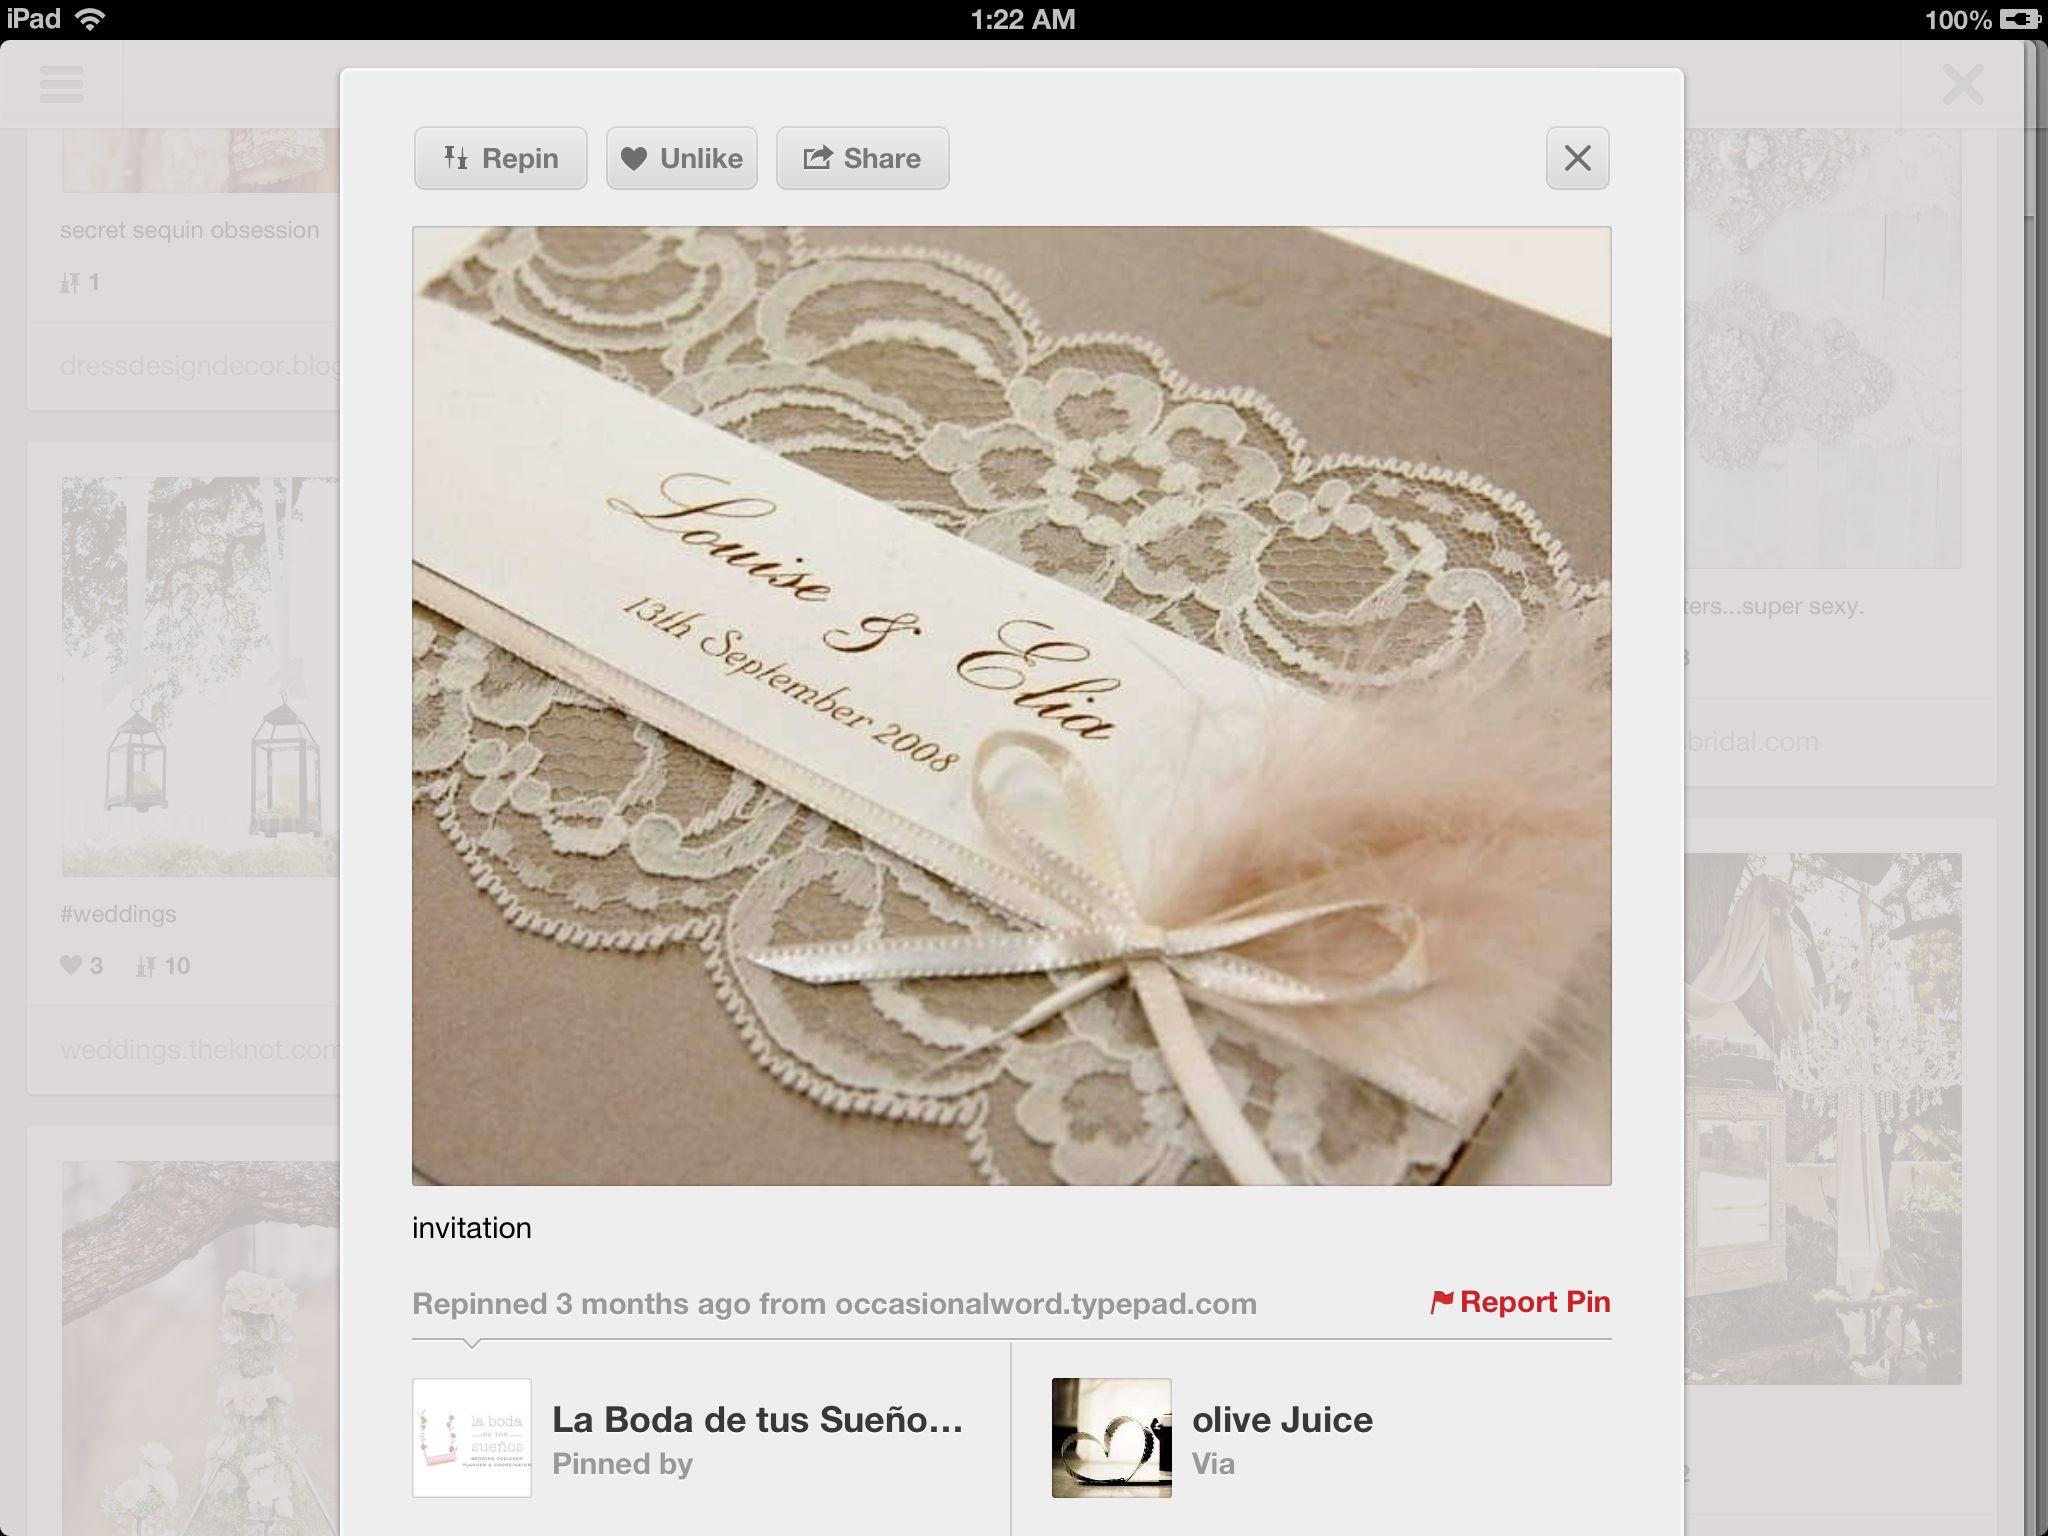 Cream and lace invite